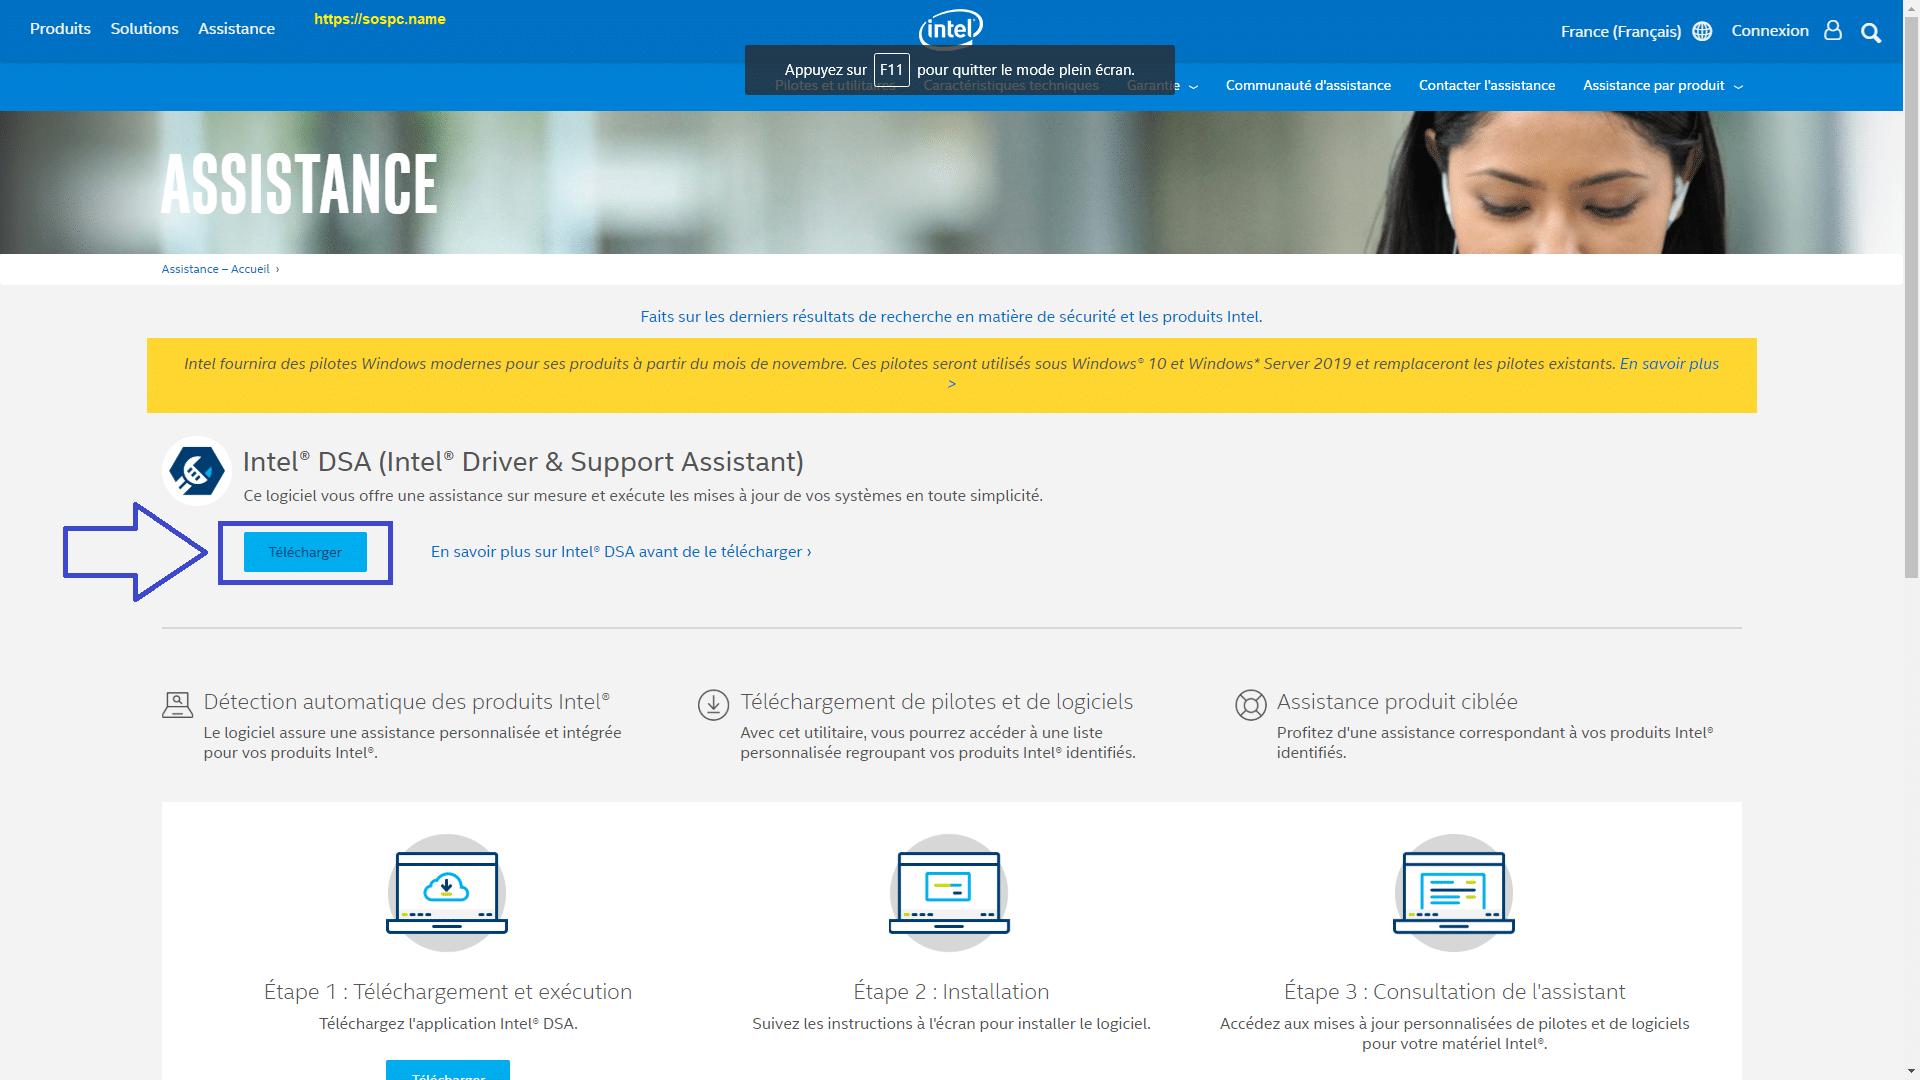 De nouveaux pilotes Intel sont disponibles image 3